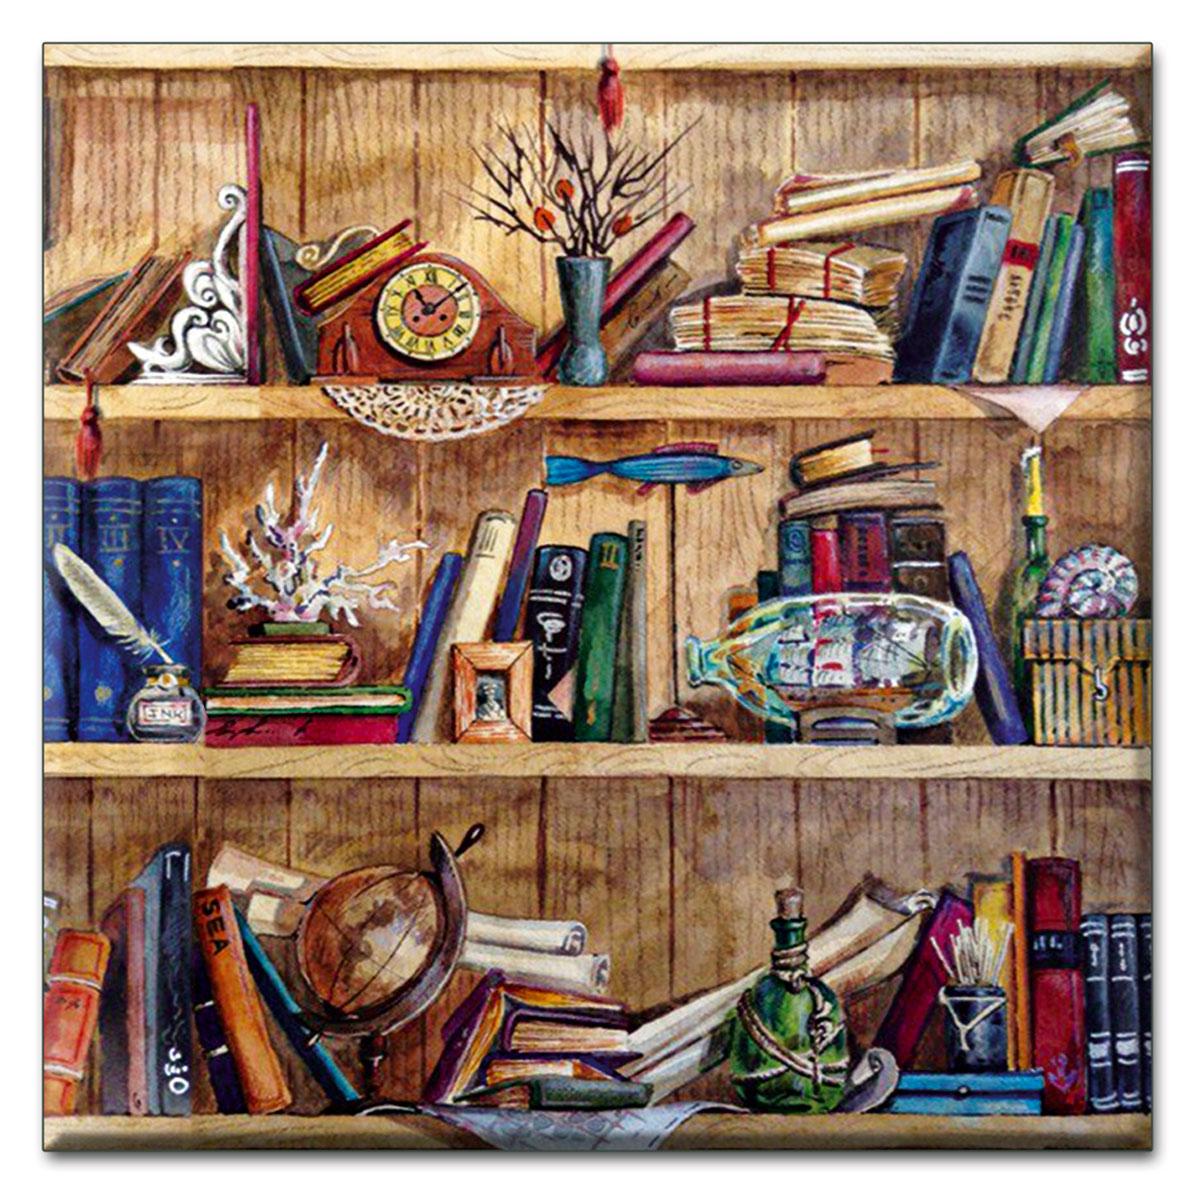 Подставка под кружку Magic Home, 9,3 х 9,3 см. 43418115510Оригинальная подставка под кружку Magic Home, выполненная из керамики, займет достойное место среди аксессаров на любой кухне.Каждая хозяйка знает, что подставка под горячее - это незаменимый и очень полезный аксессуар на каждой кухне. Такая подставка не только украсит ваш стол, но и сбережет его от воздействия высоких температур.